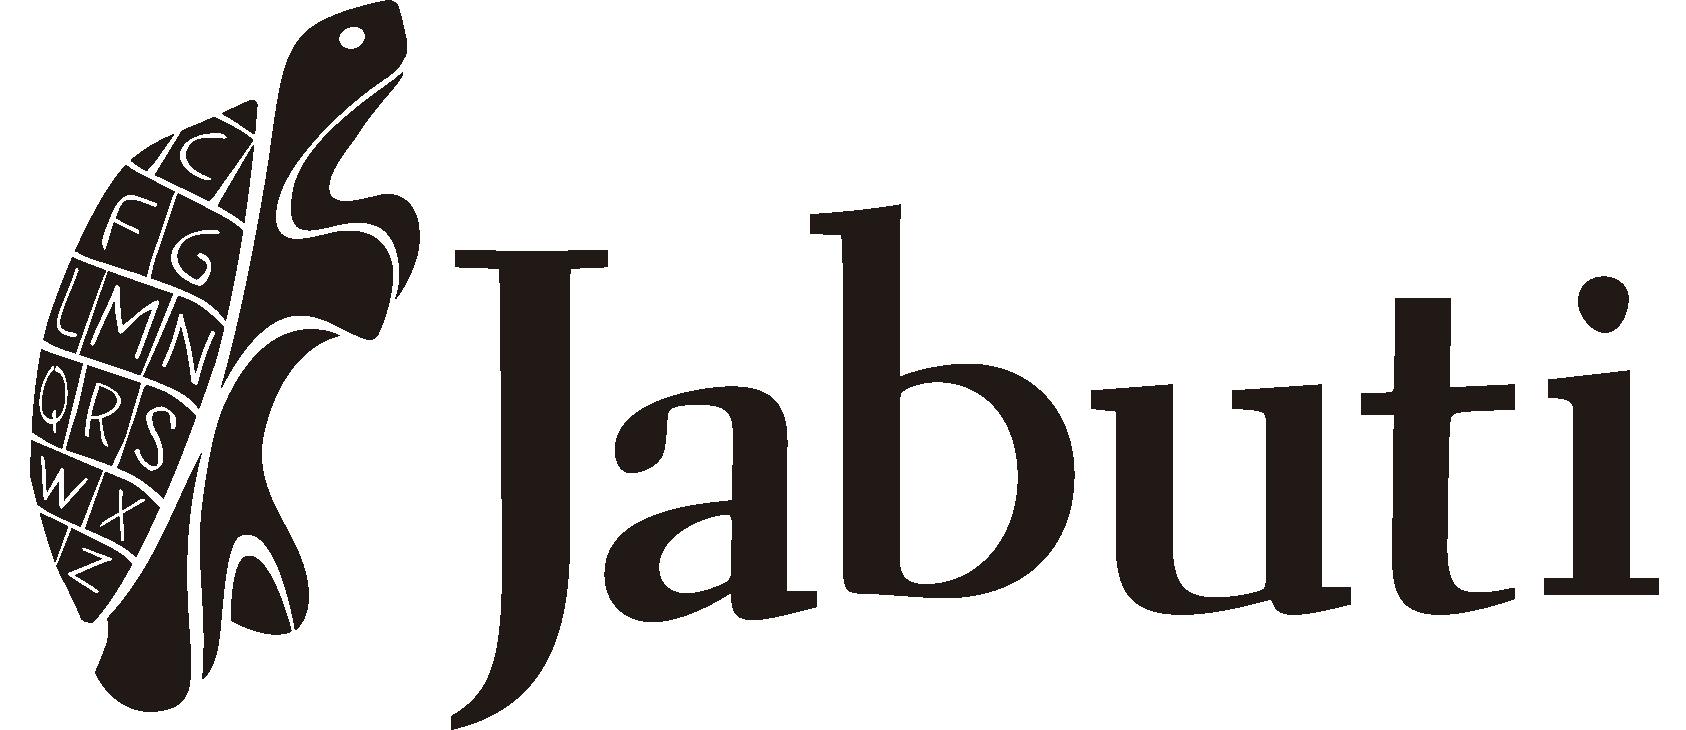 logo jabuti 20181 - A câmara brasileira do livro mandou avisar: o Prêmio Jabuti 2021 está no ar!